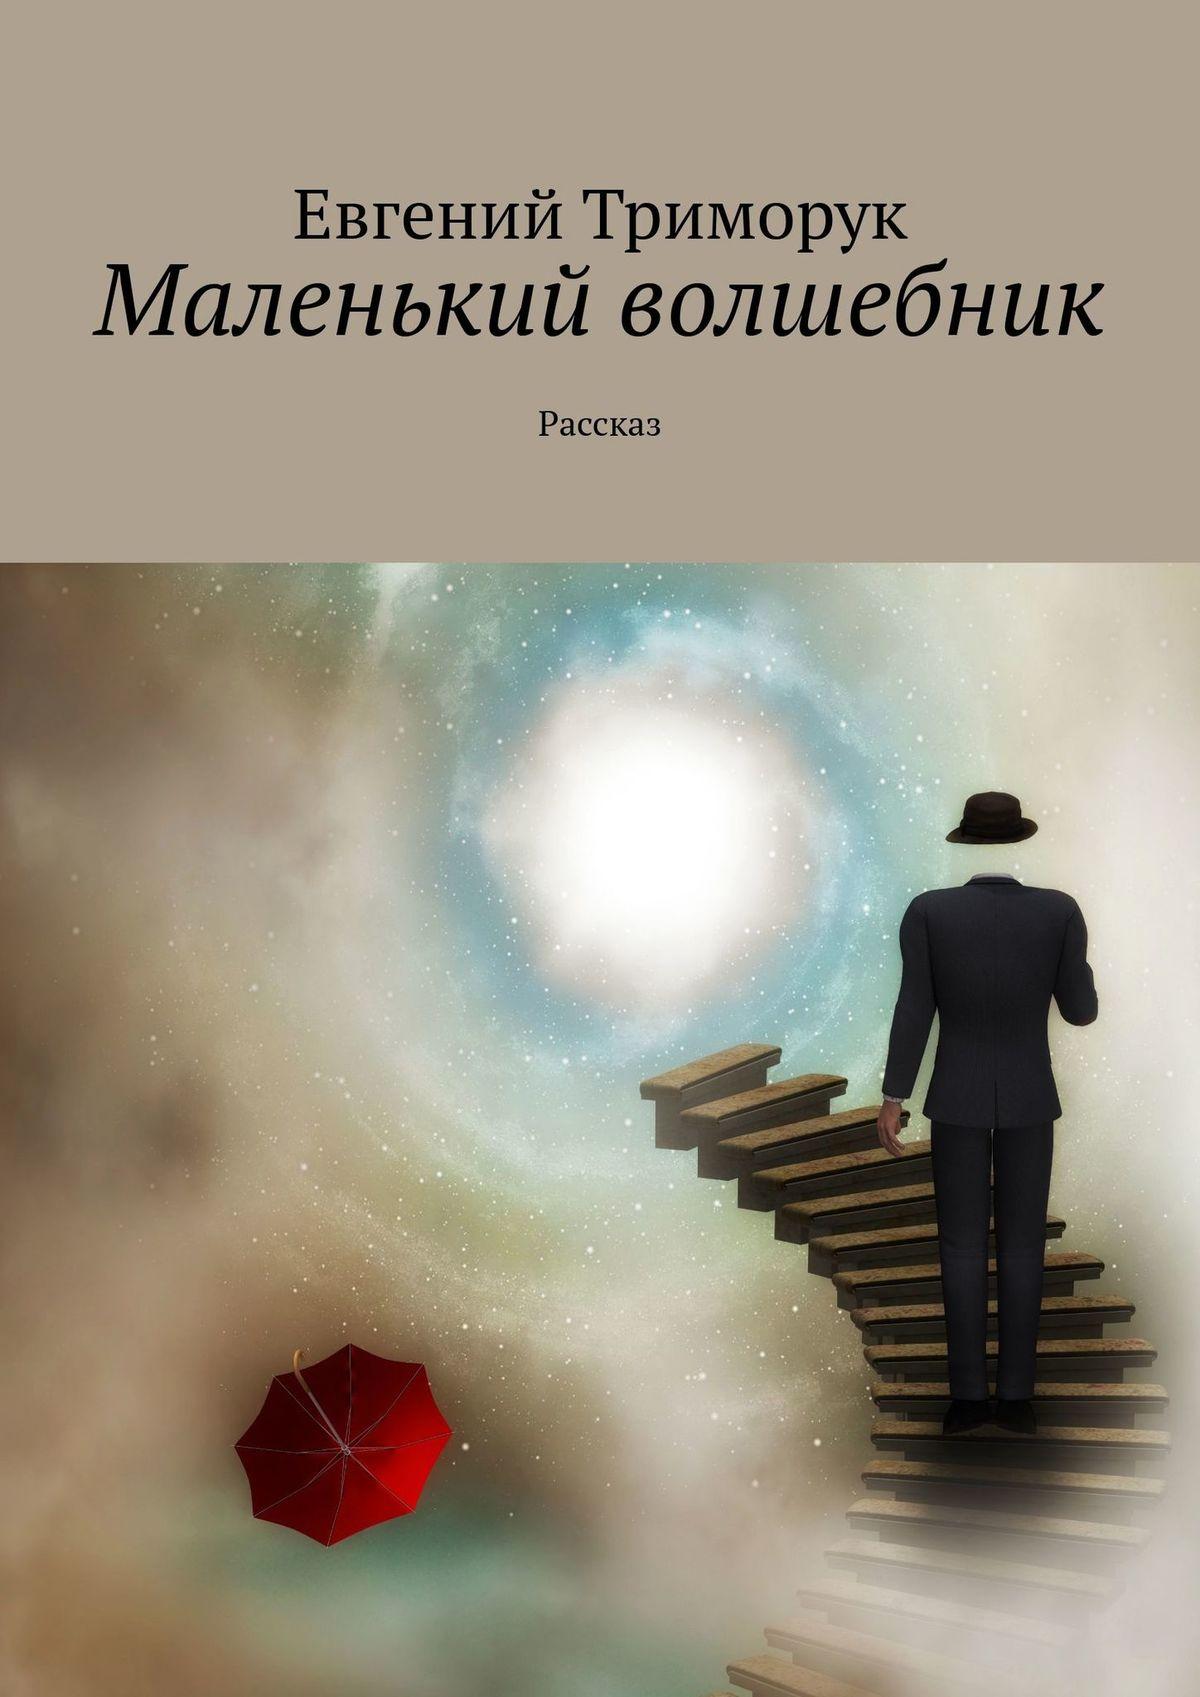 Евгений Триморук Маленький волшебник. Рассказ евгений триморук текст несколько невообразимых переходов восне